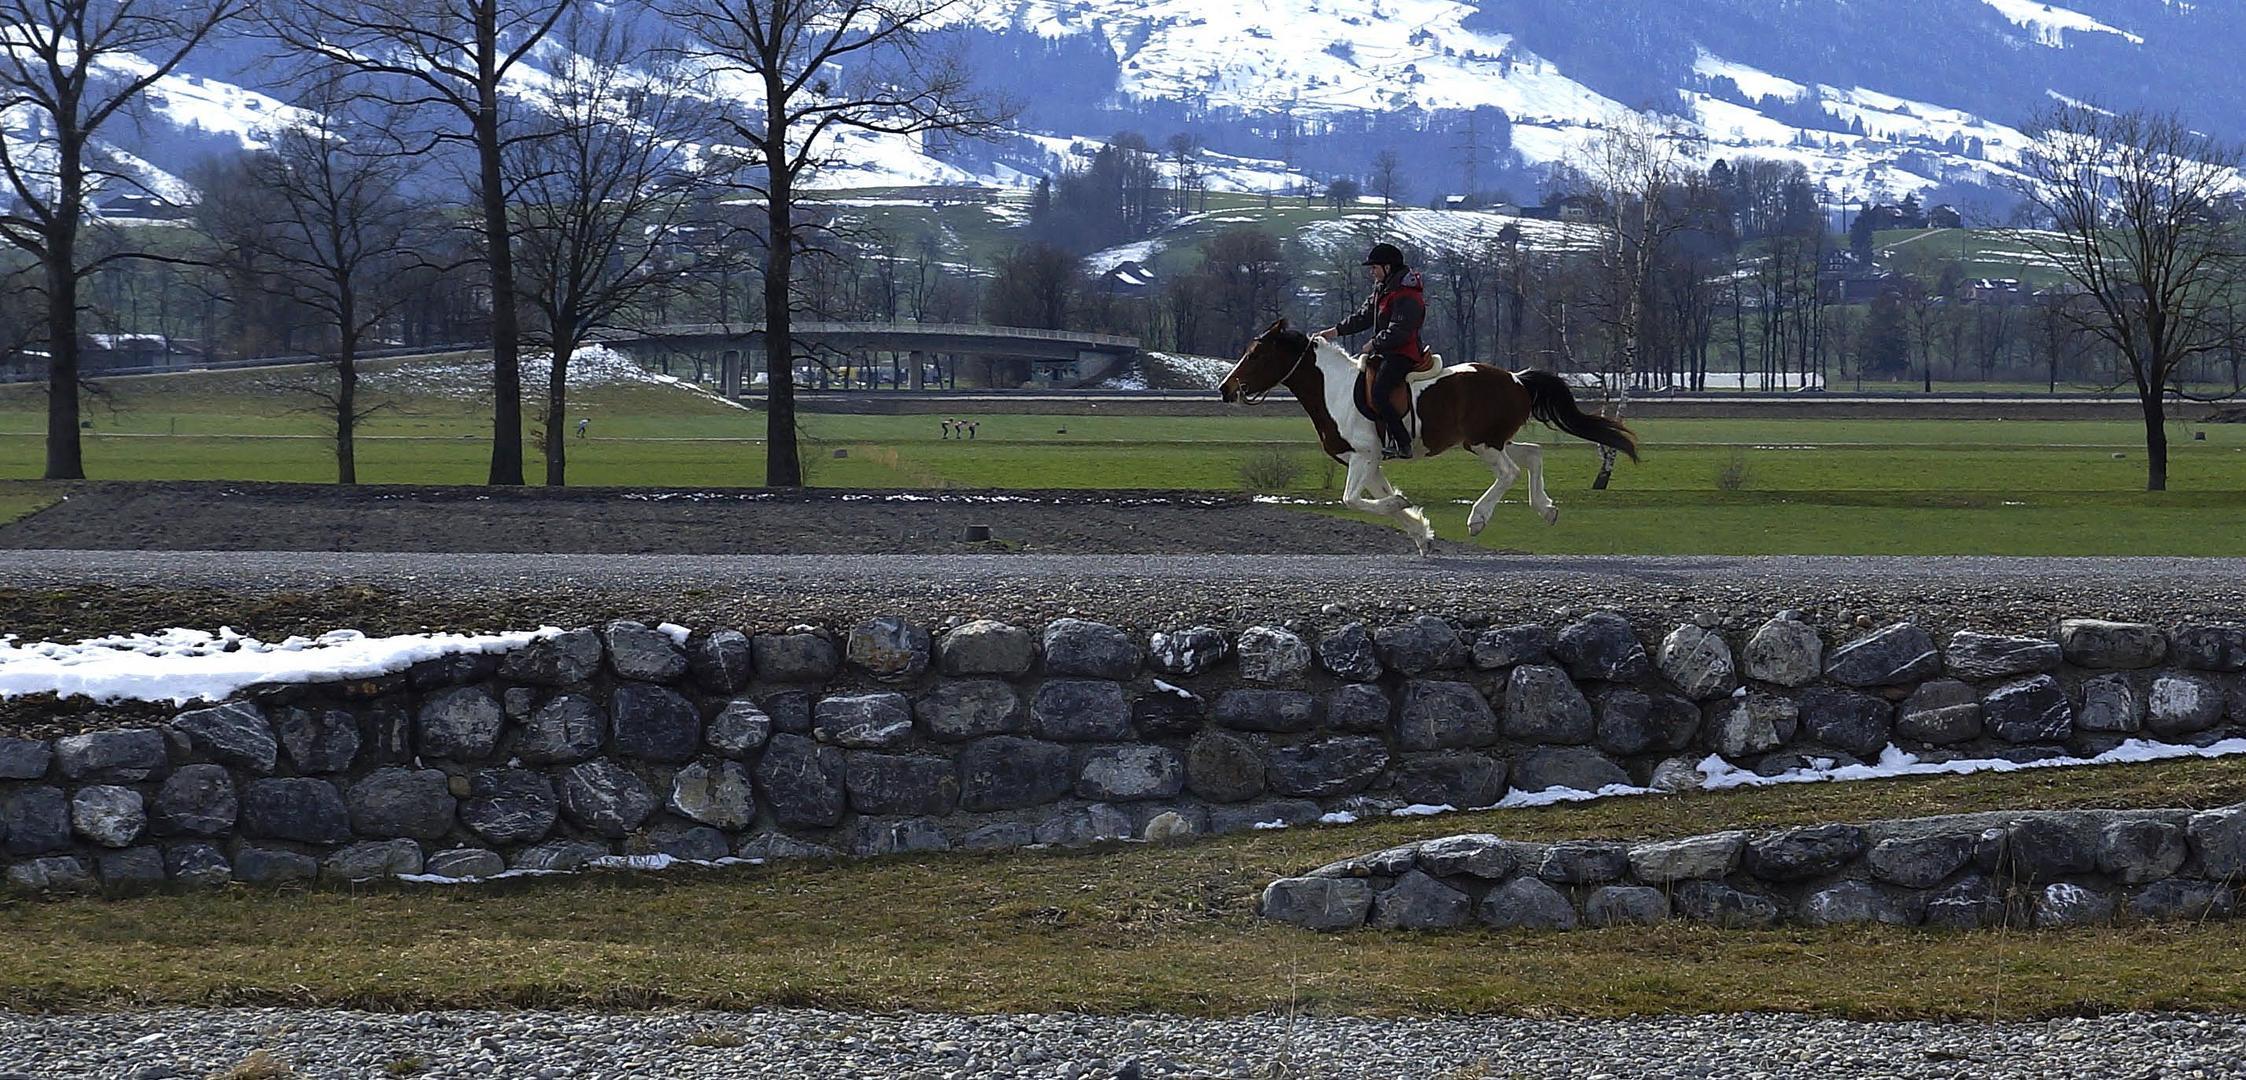 Pferdchen lauf Galopp............